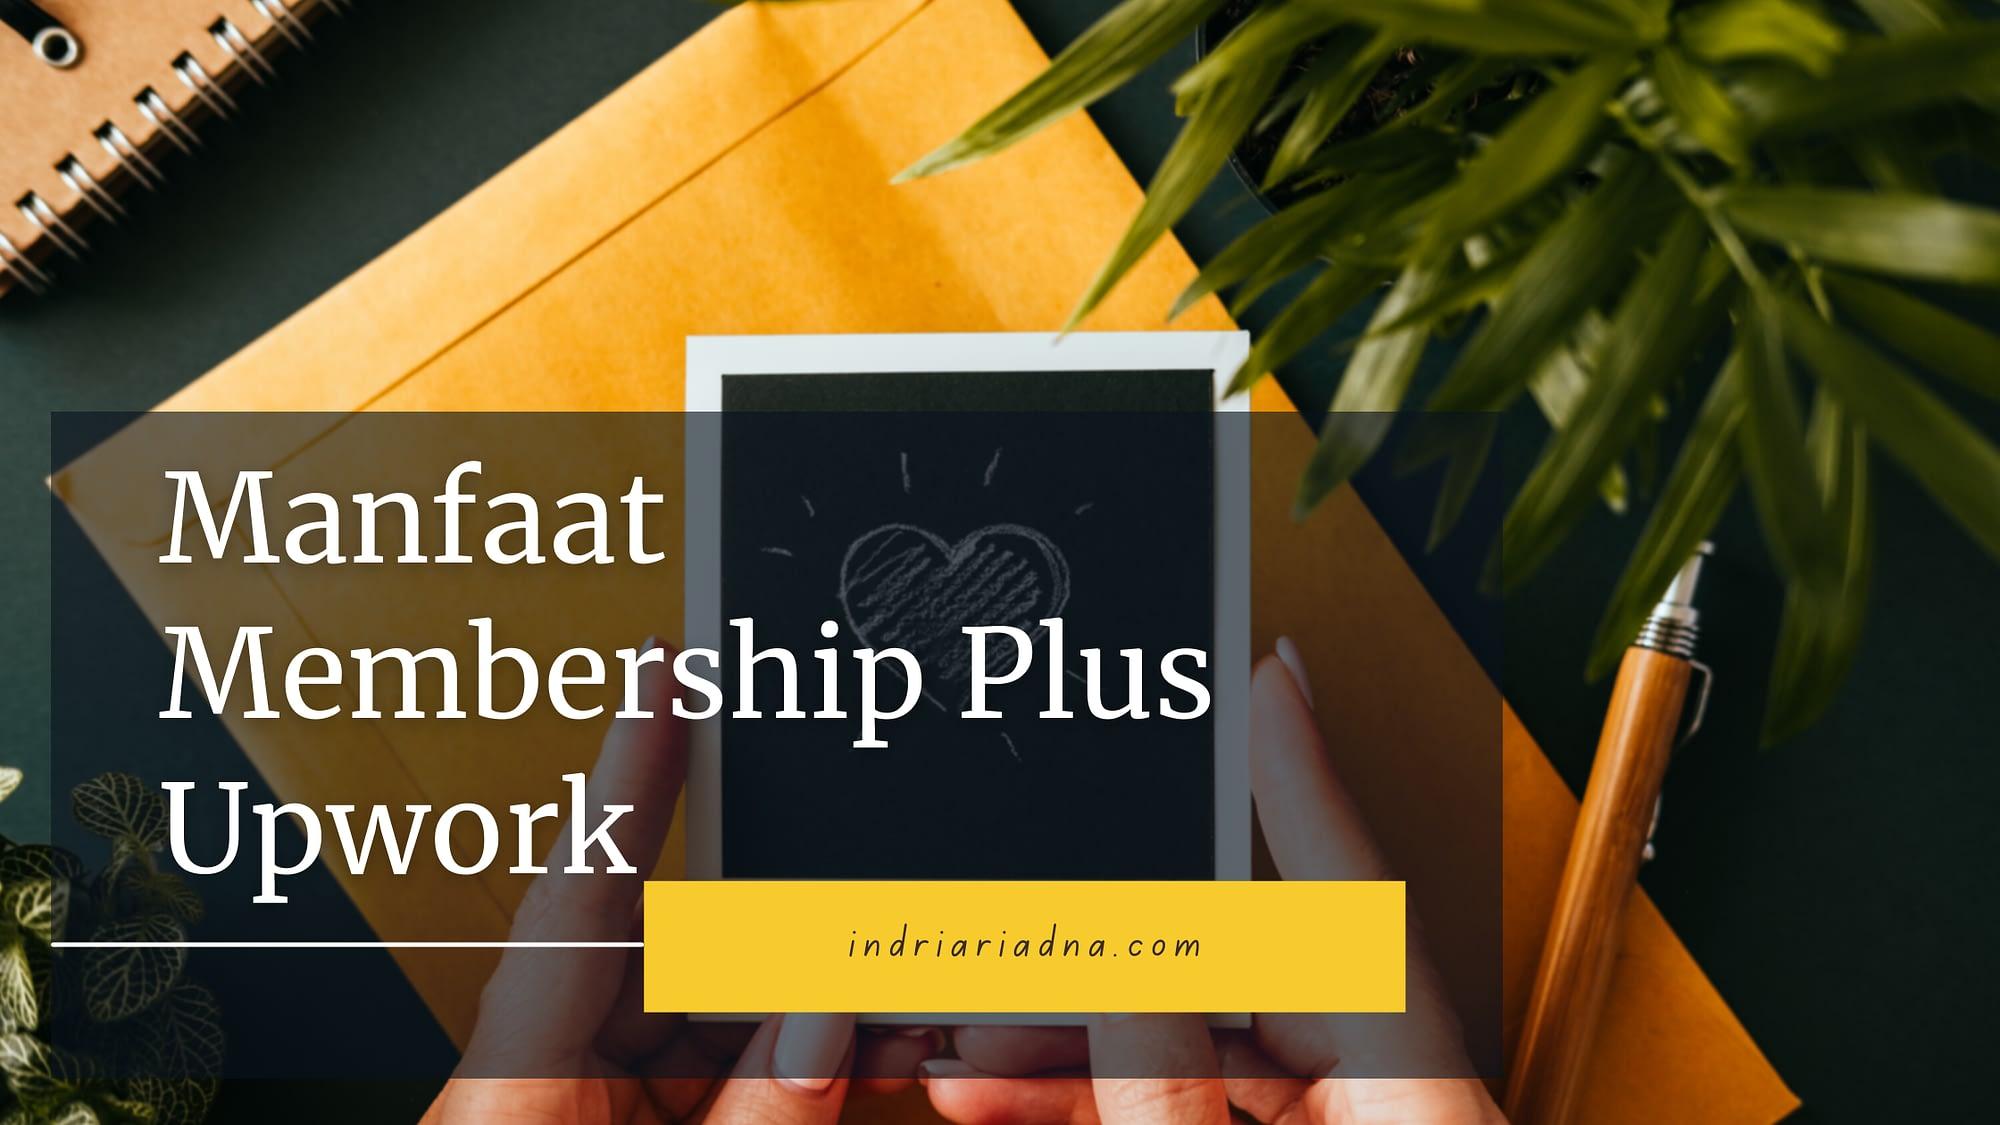 manfaat membership plus upwork